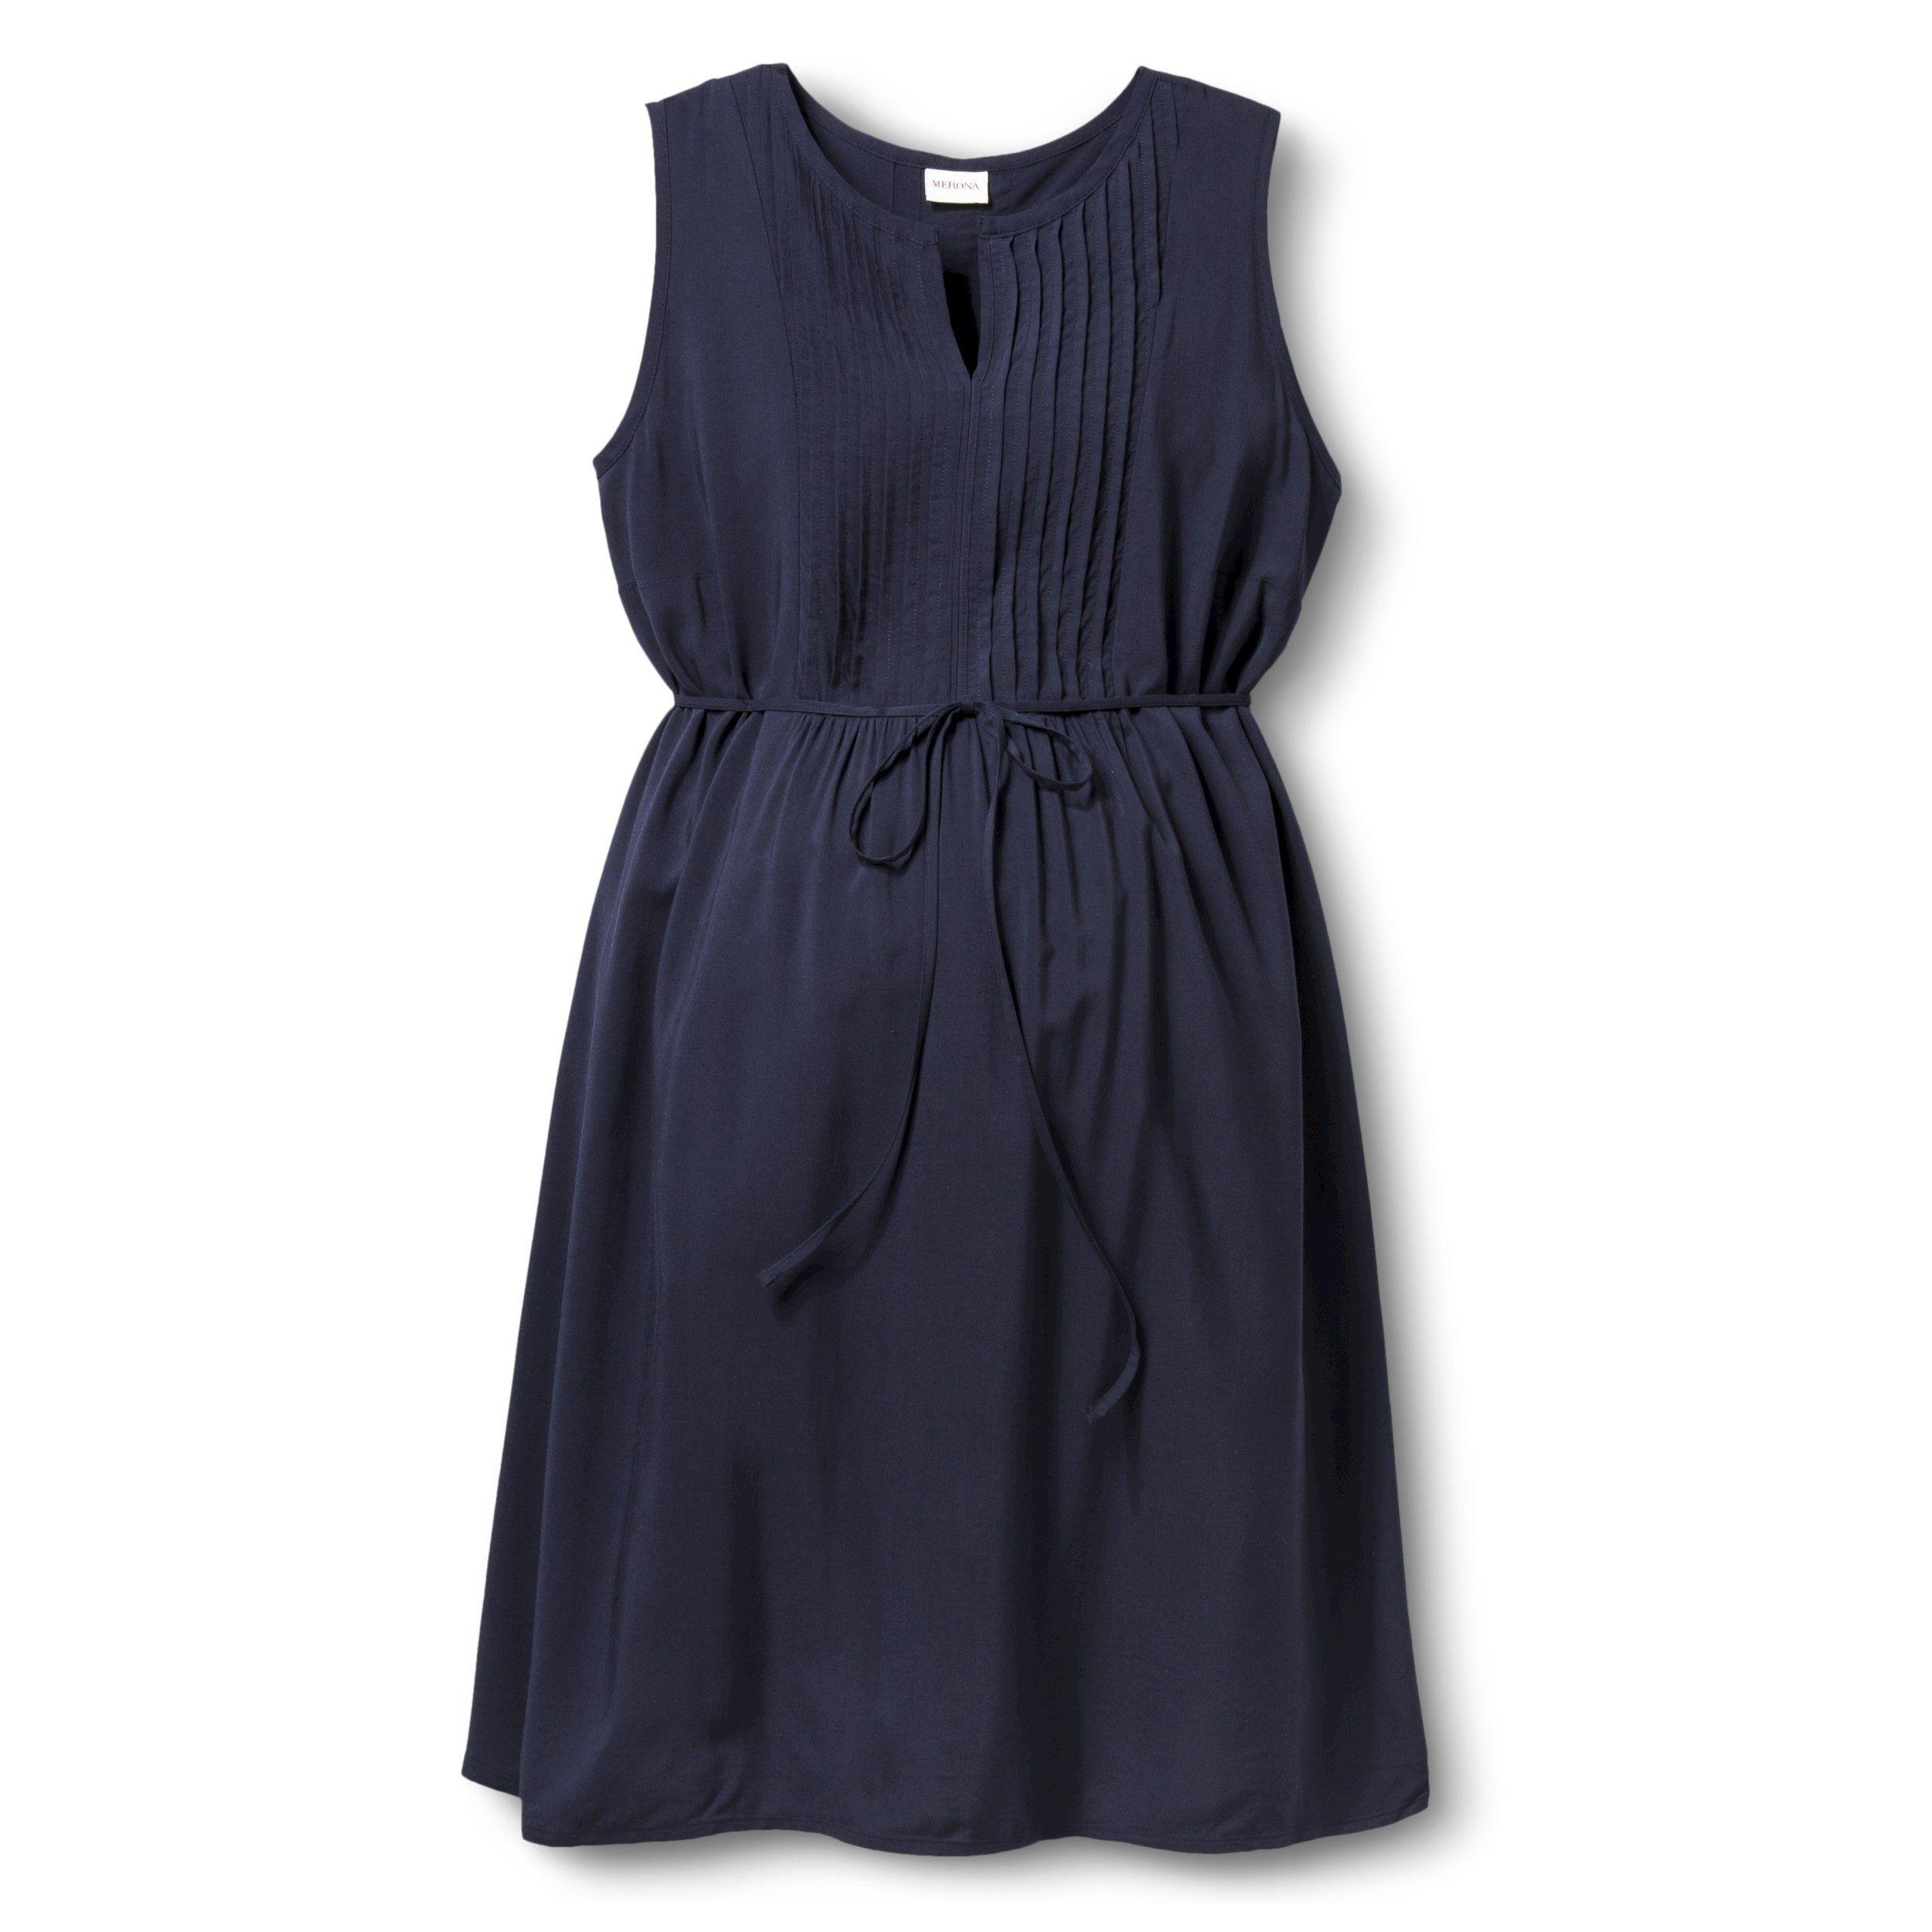 0803e0c1b069b Maternity Dresses Target